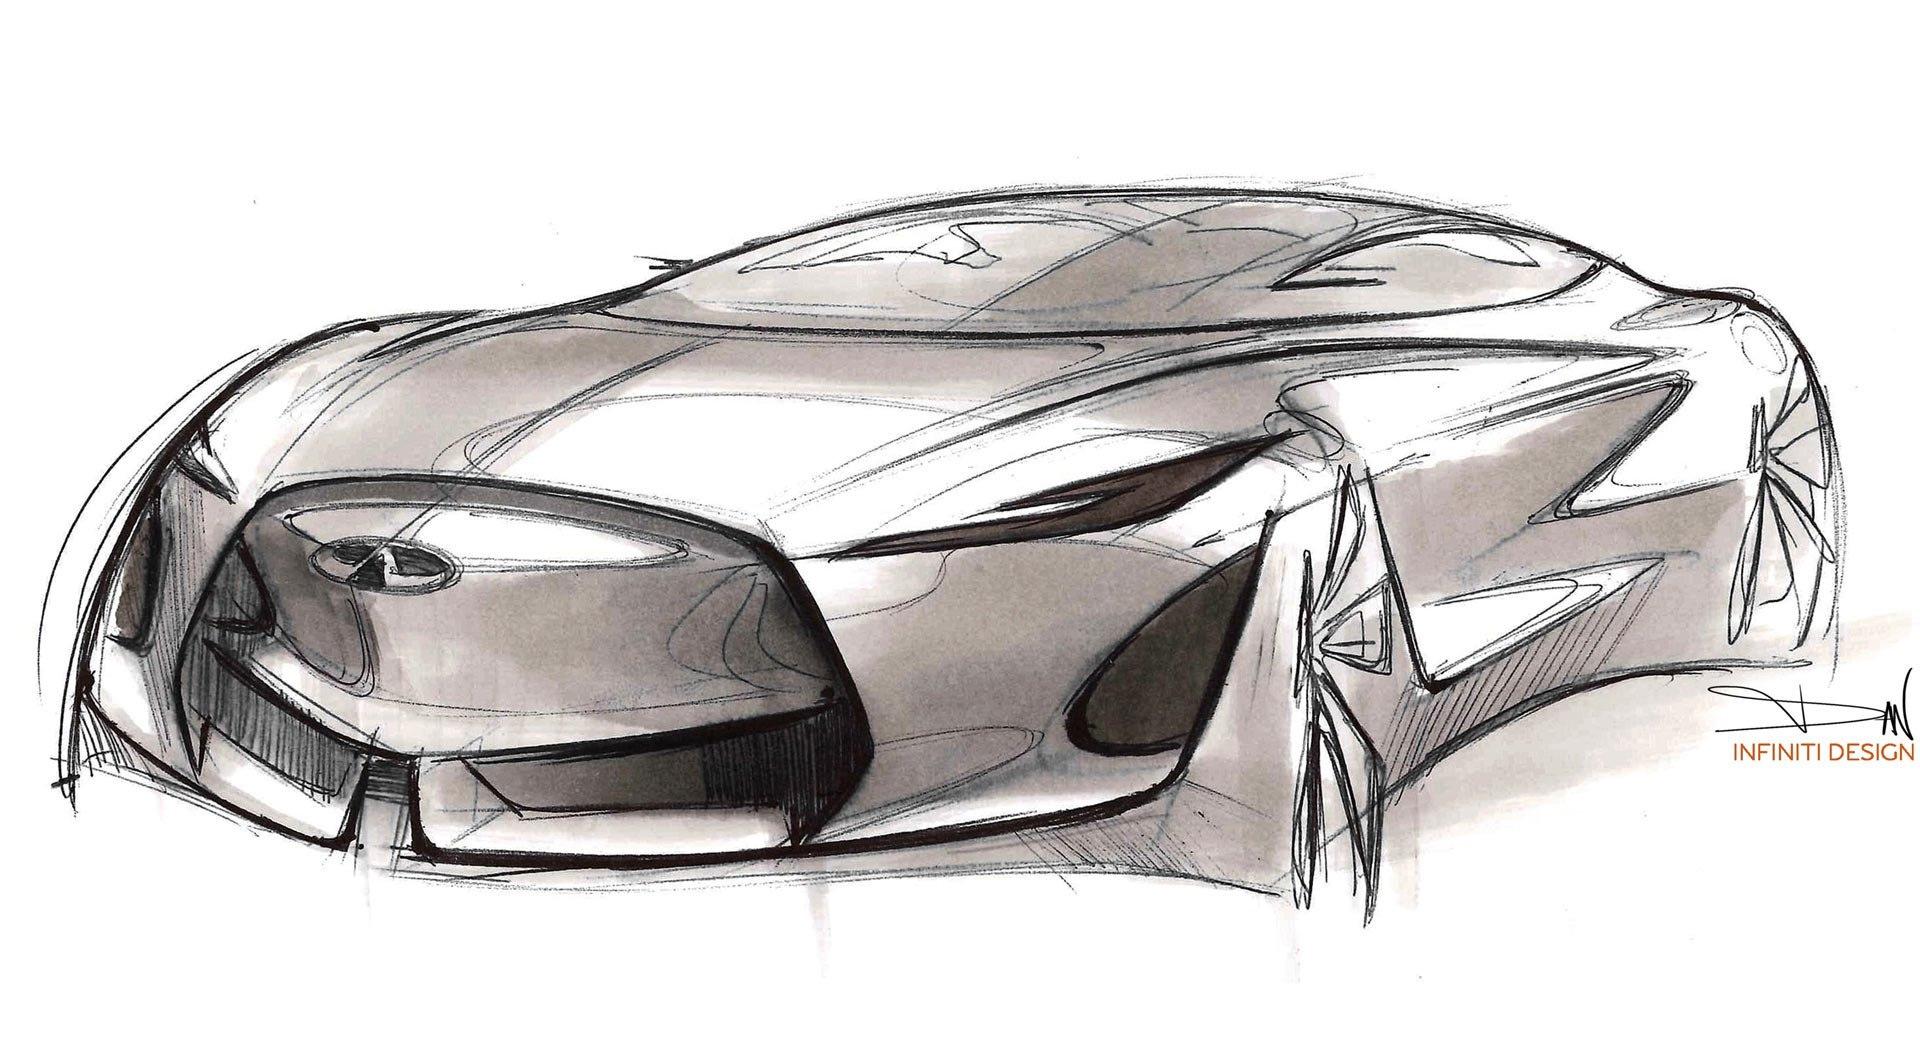 北美车展发布 日产/英菲尼迪将推出全新概念车(第1页) -